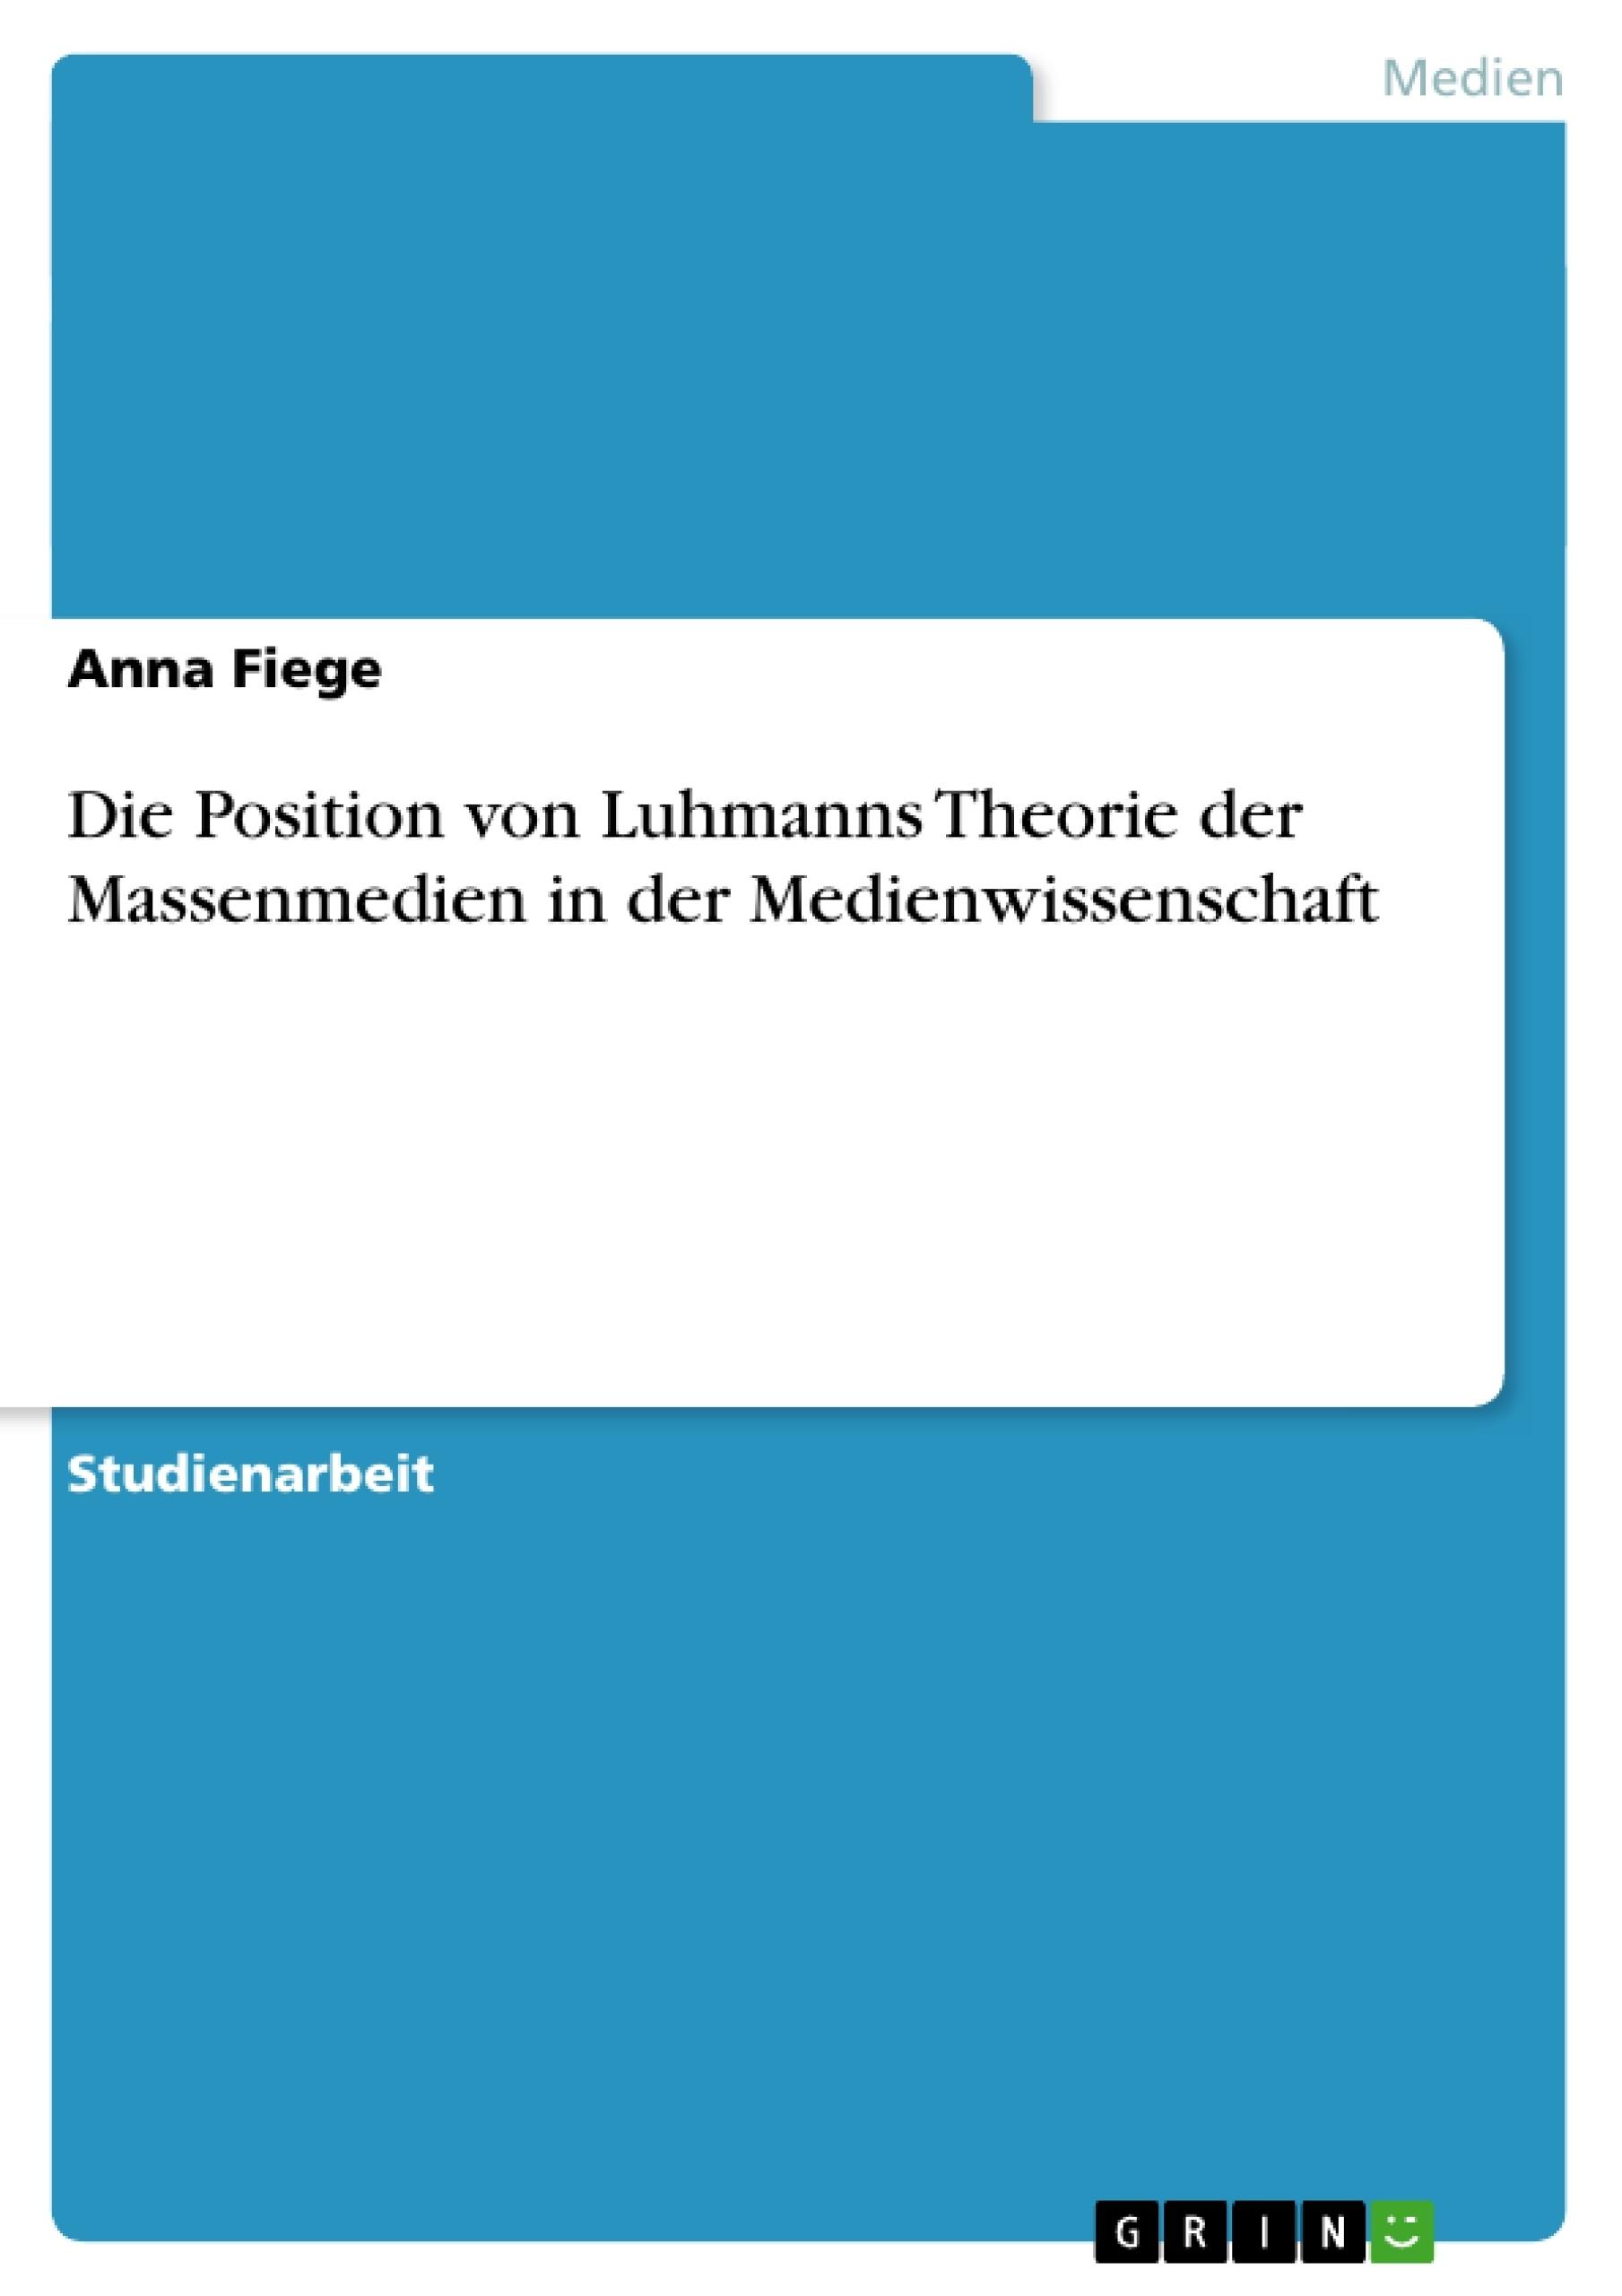 Titel: Die Position von Luhmanns Theorie der Massenmedien in der Medienwissenschaft